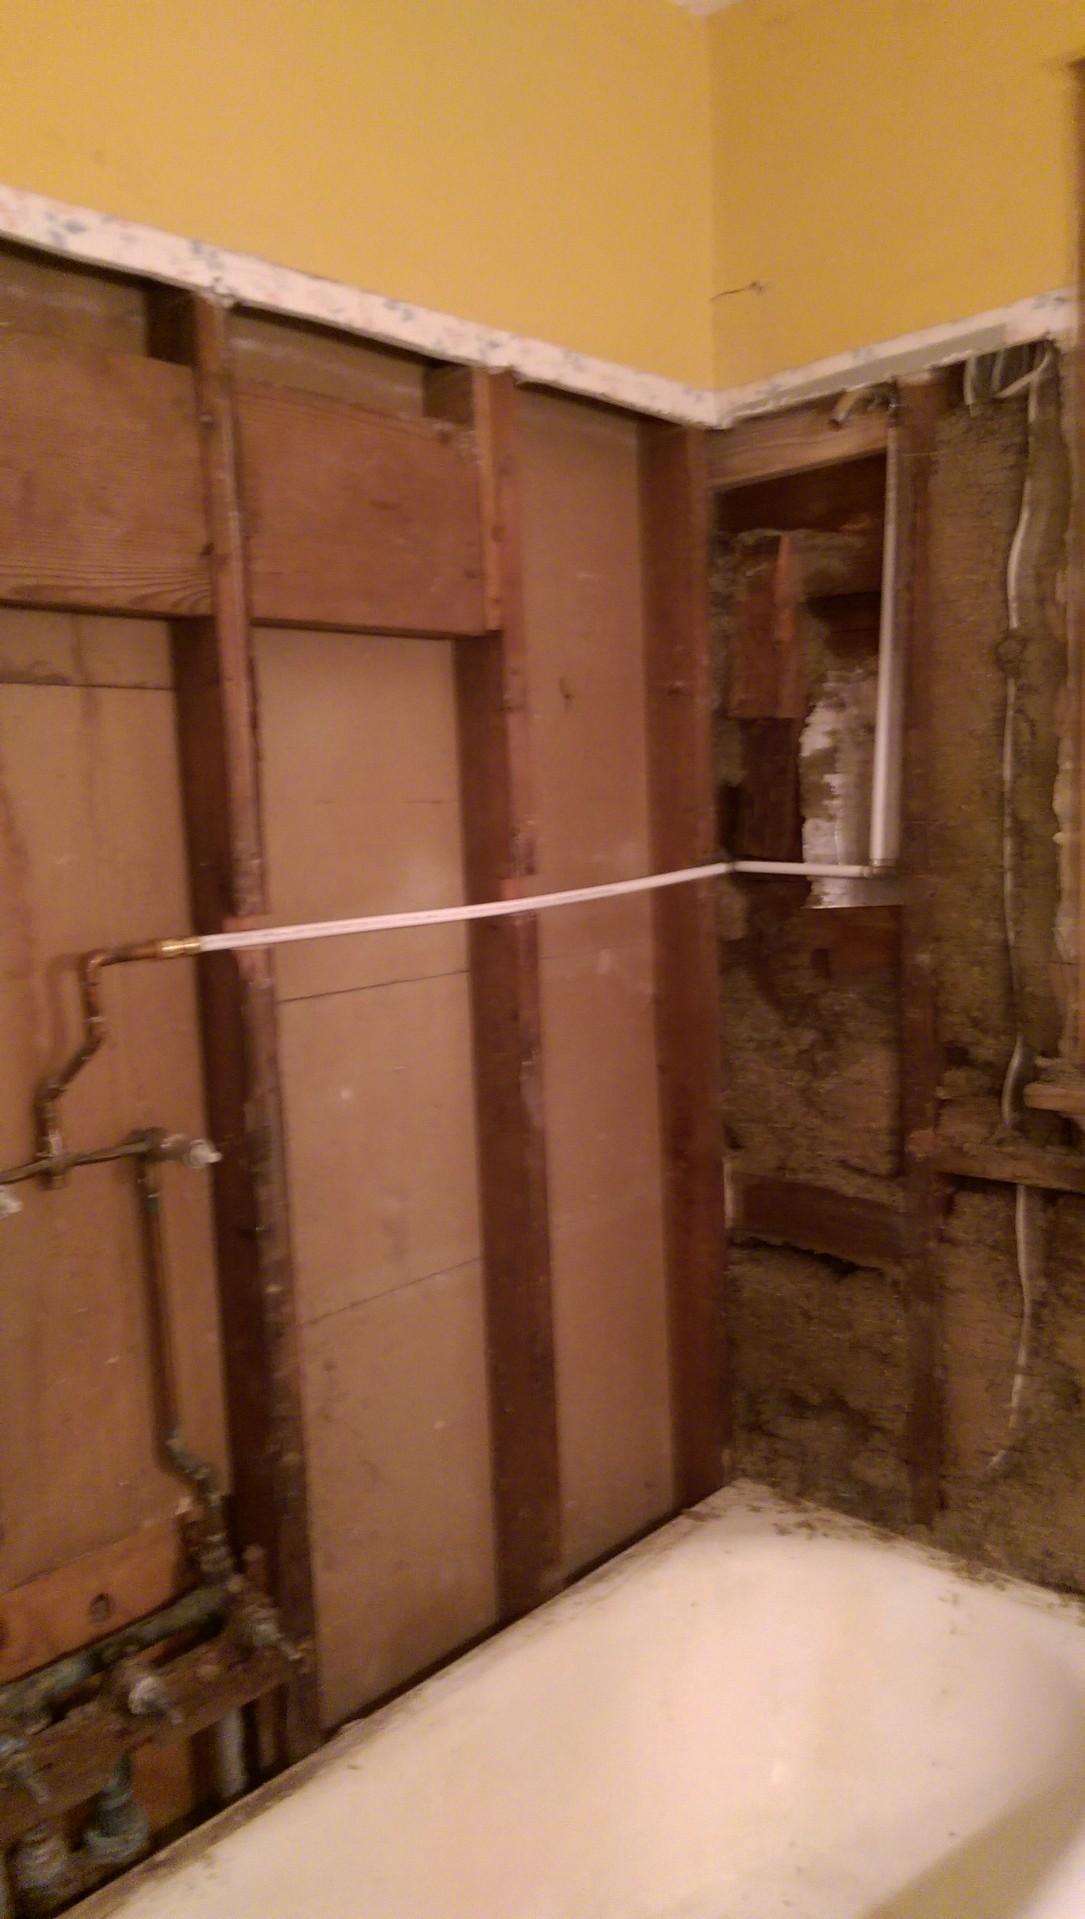 New plumbing in bathroom